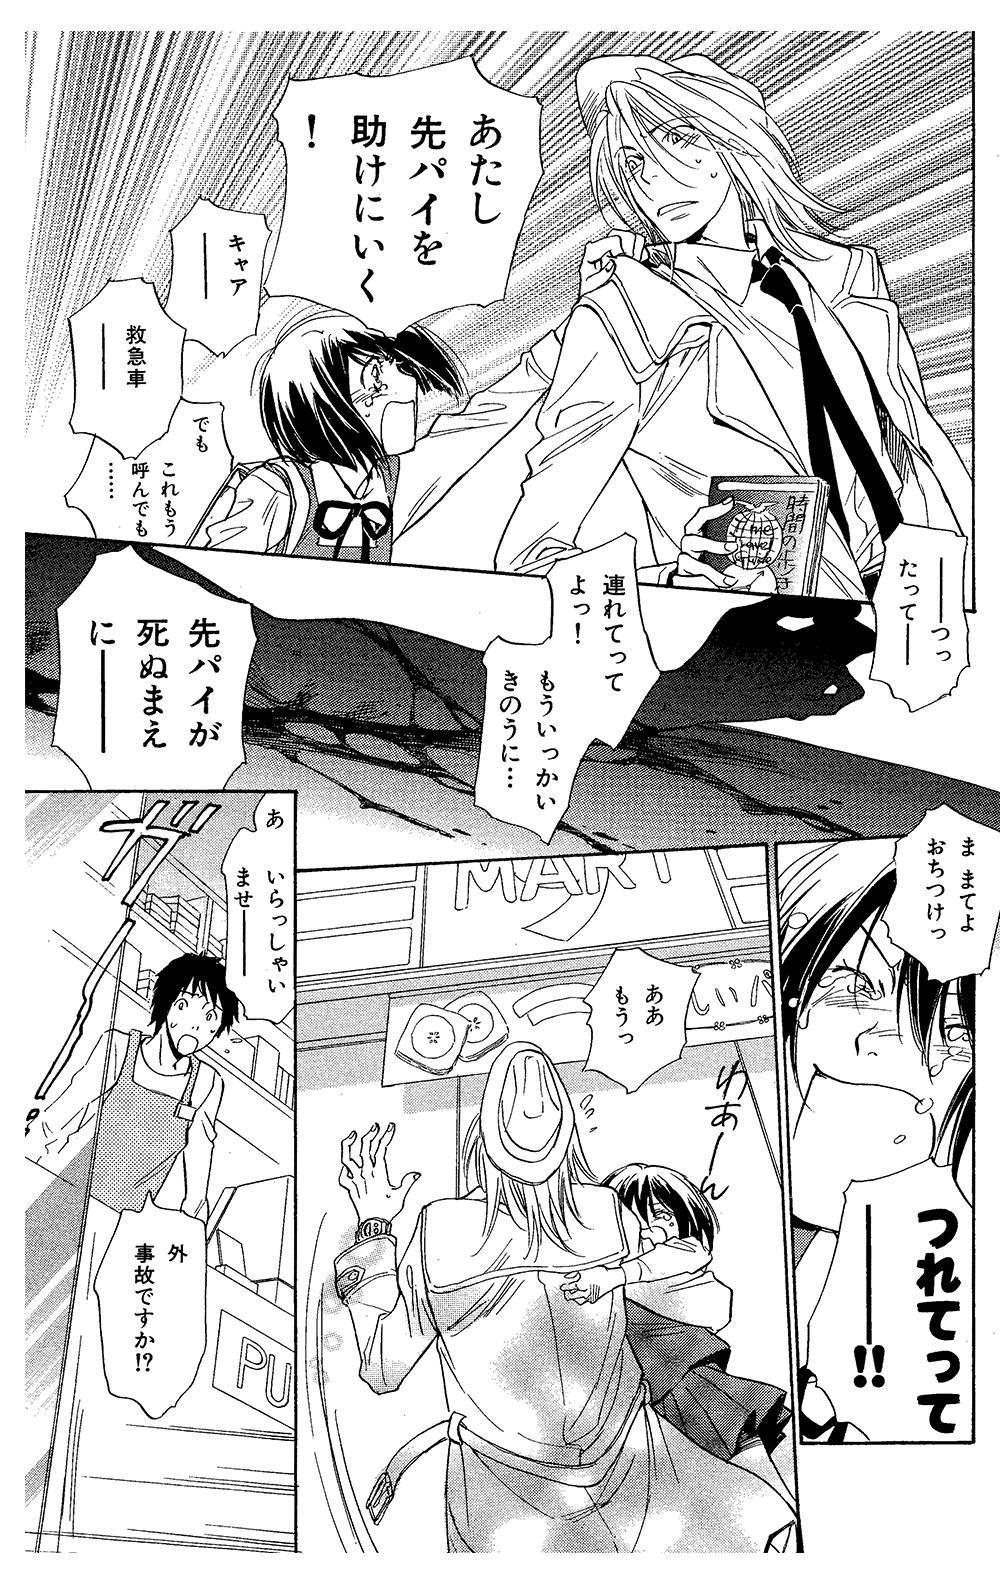 時間の歩き方 第1話 ②jikan02-08.jpg